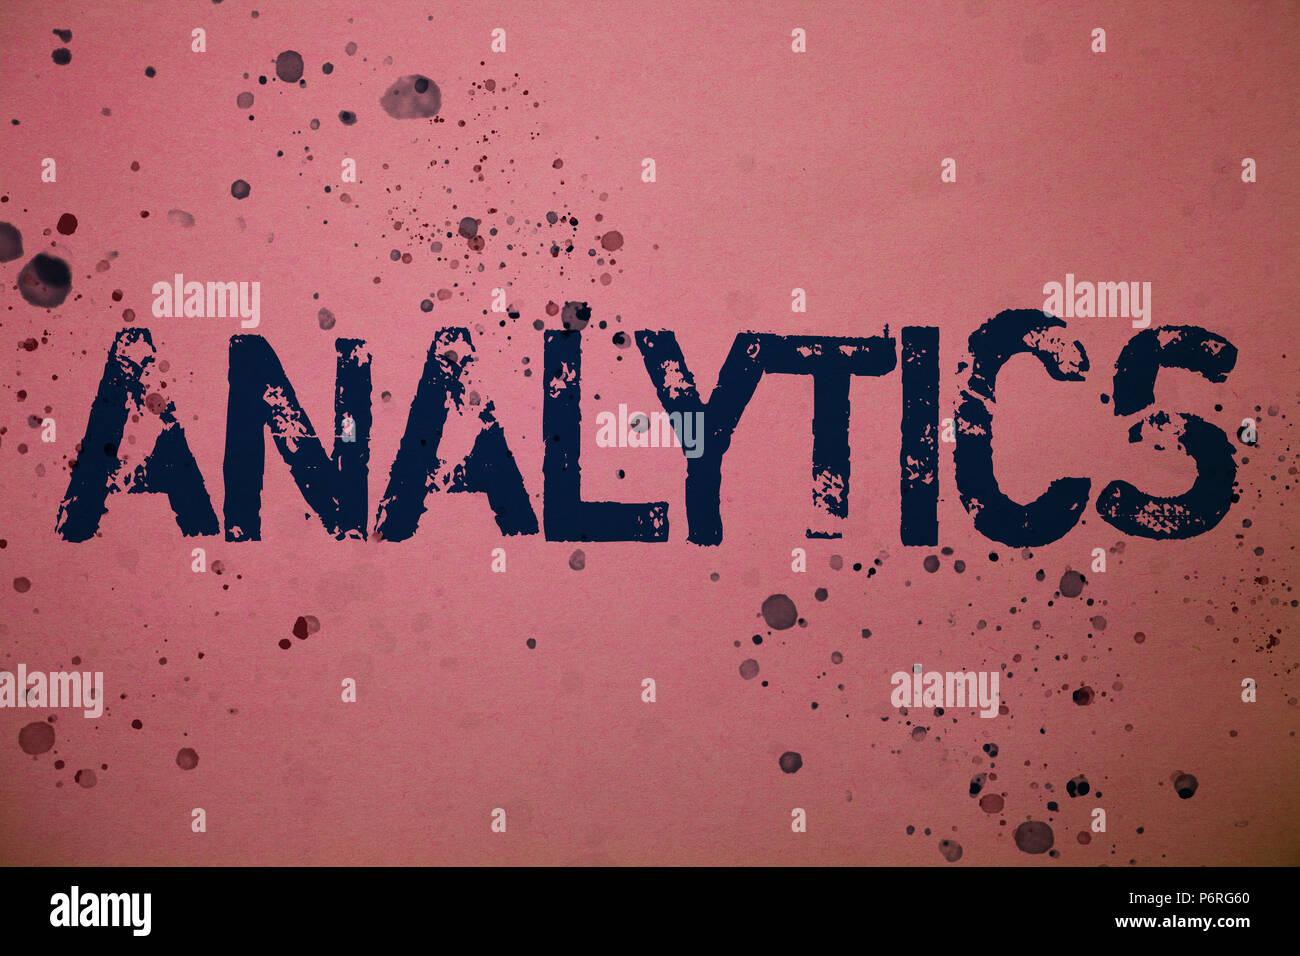 Testo della scrittura Analytics. Significato il concetto di analisi dei dati Informazioni finanziarie rapporto Statistiche sulle idee del cruscotto messaggi sfondo rosa schizza m Foto Stock